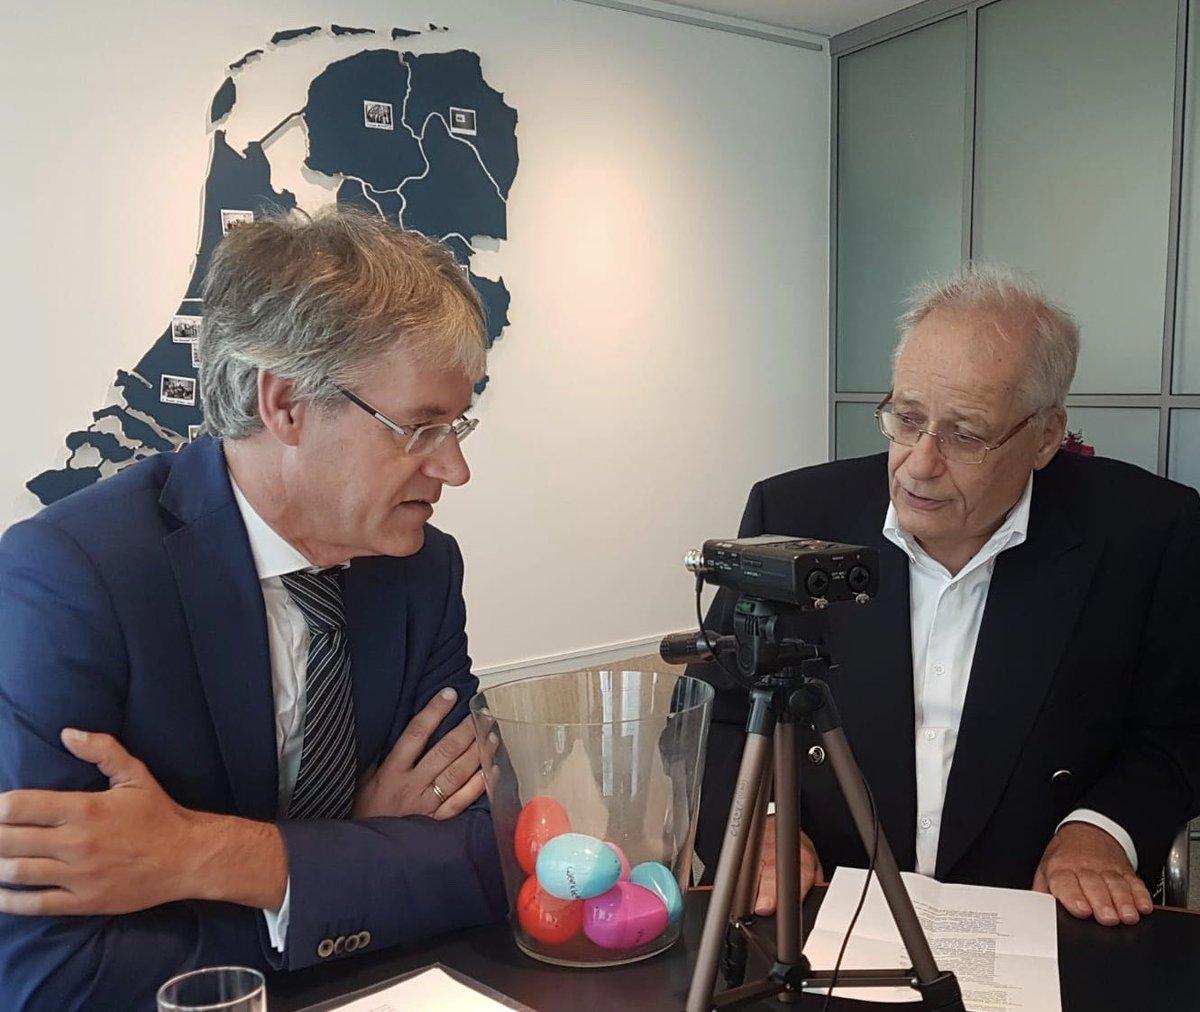 Vanochtend voor mijn wekelijkse Slobcast een boeiend gesprek gehad met Wim Deetman. In het kader van 100-jaar @MinOCW teruggeblikt op zijn tijd als minister. Morgen zal gesprek op Facebook geplaatst worden.